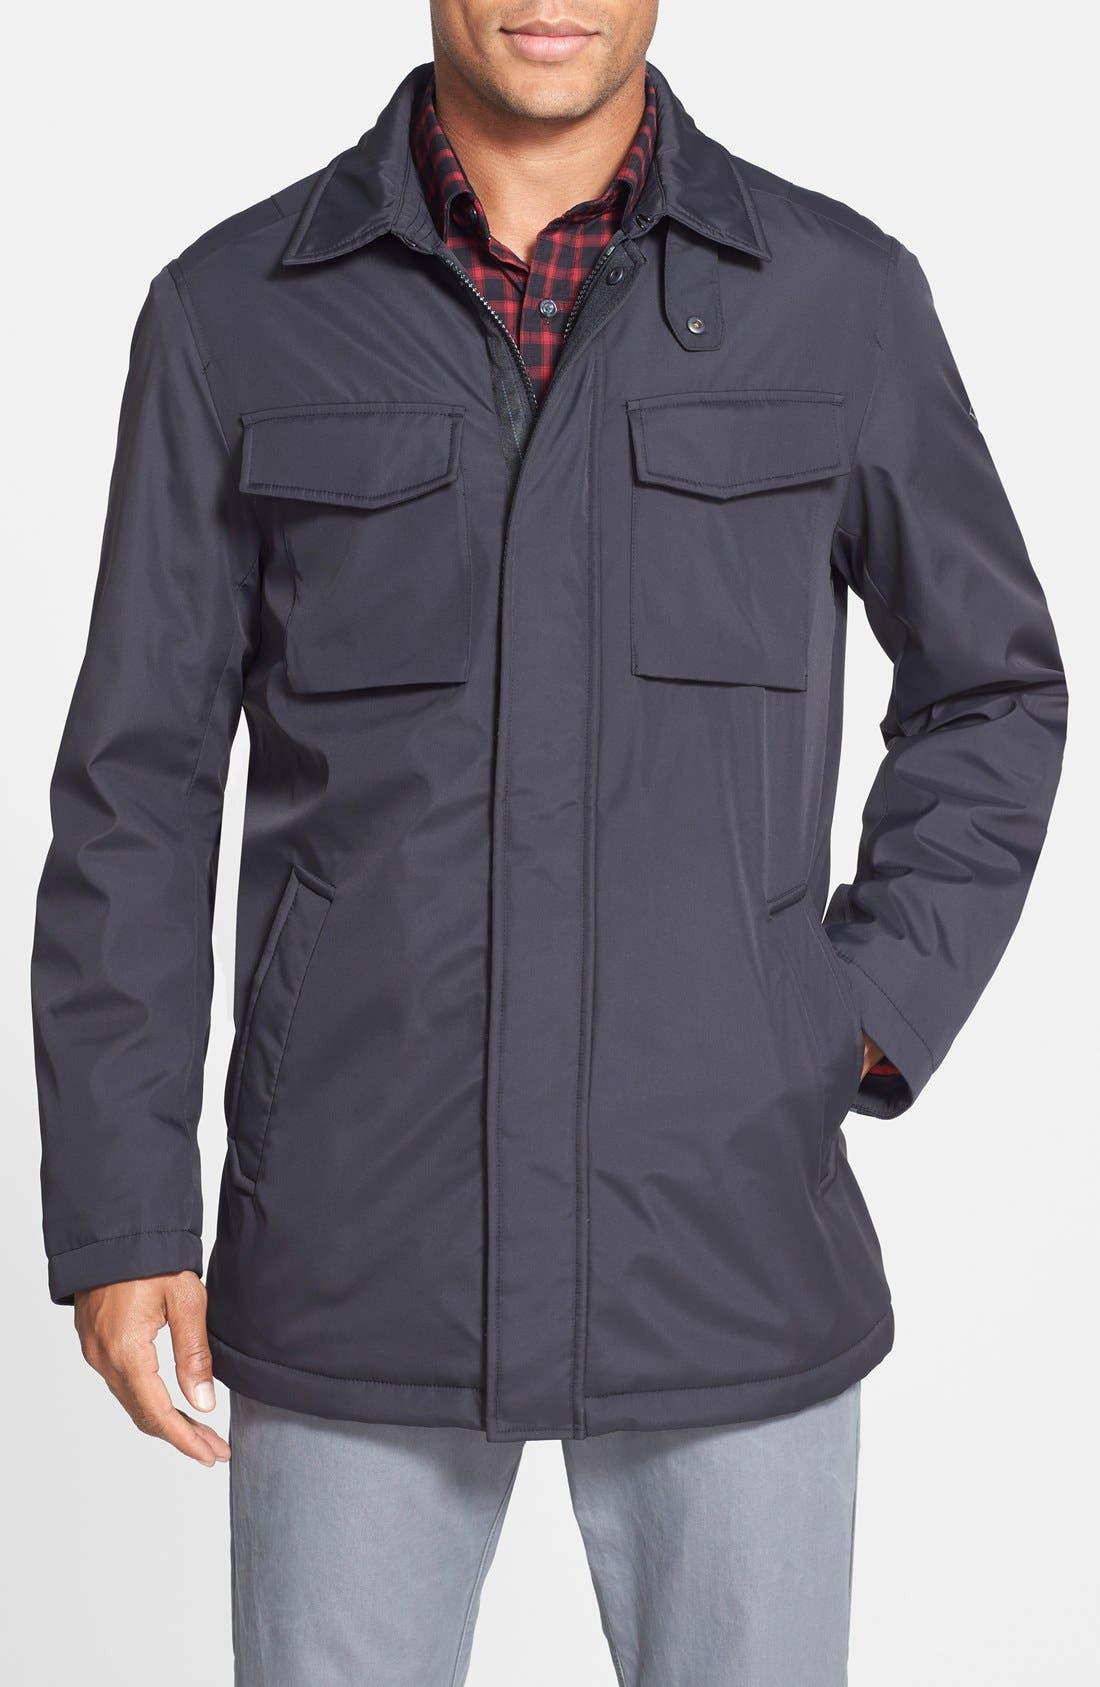 Main Image - Victorinox Swiss Army® 'Horben' Water Repellent Fleece Lined Jacket